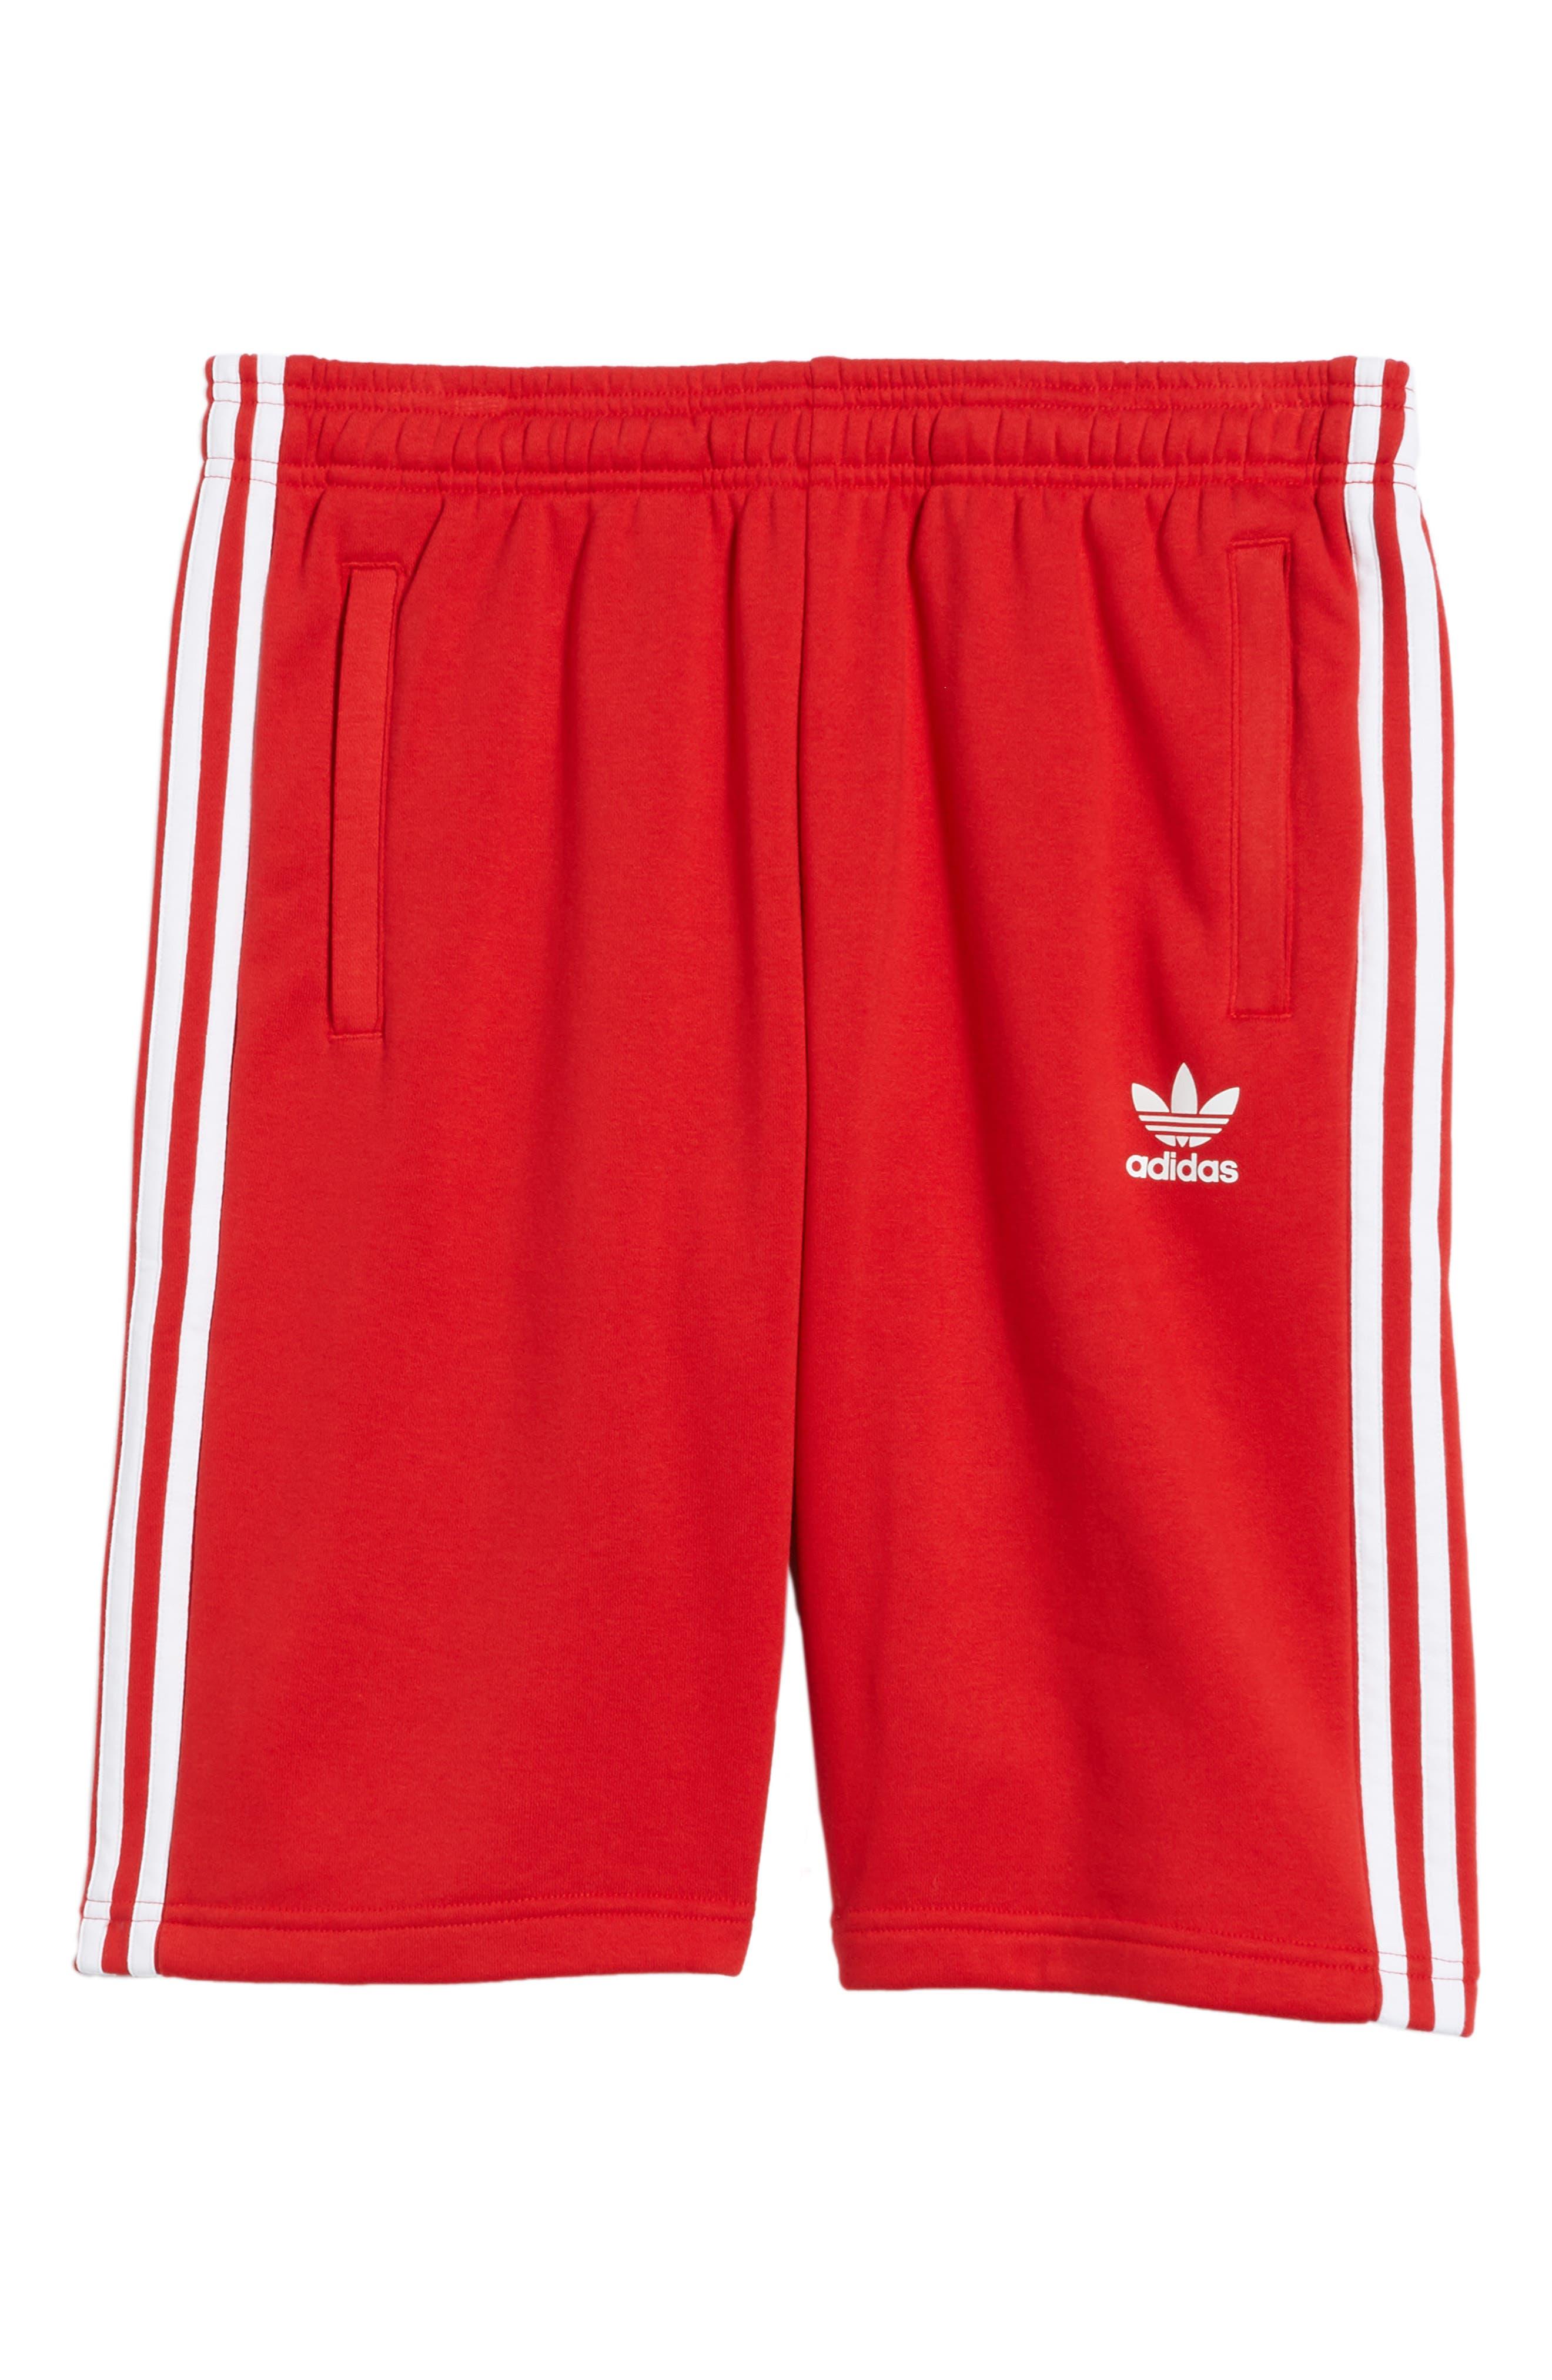 3-Stripes Shorts,                             Alternate thumbnail 6, color,                             610